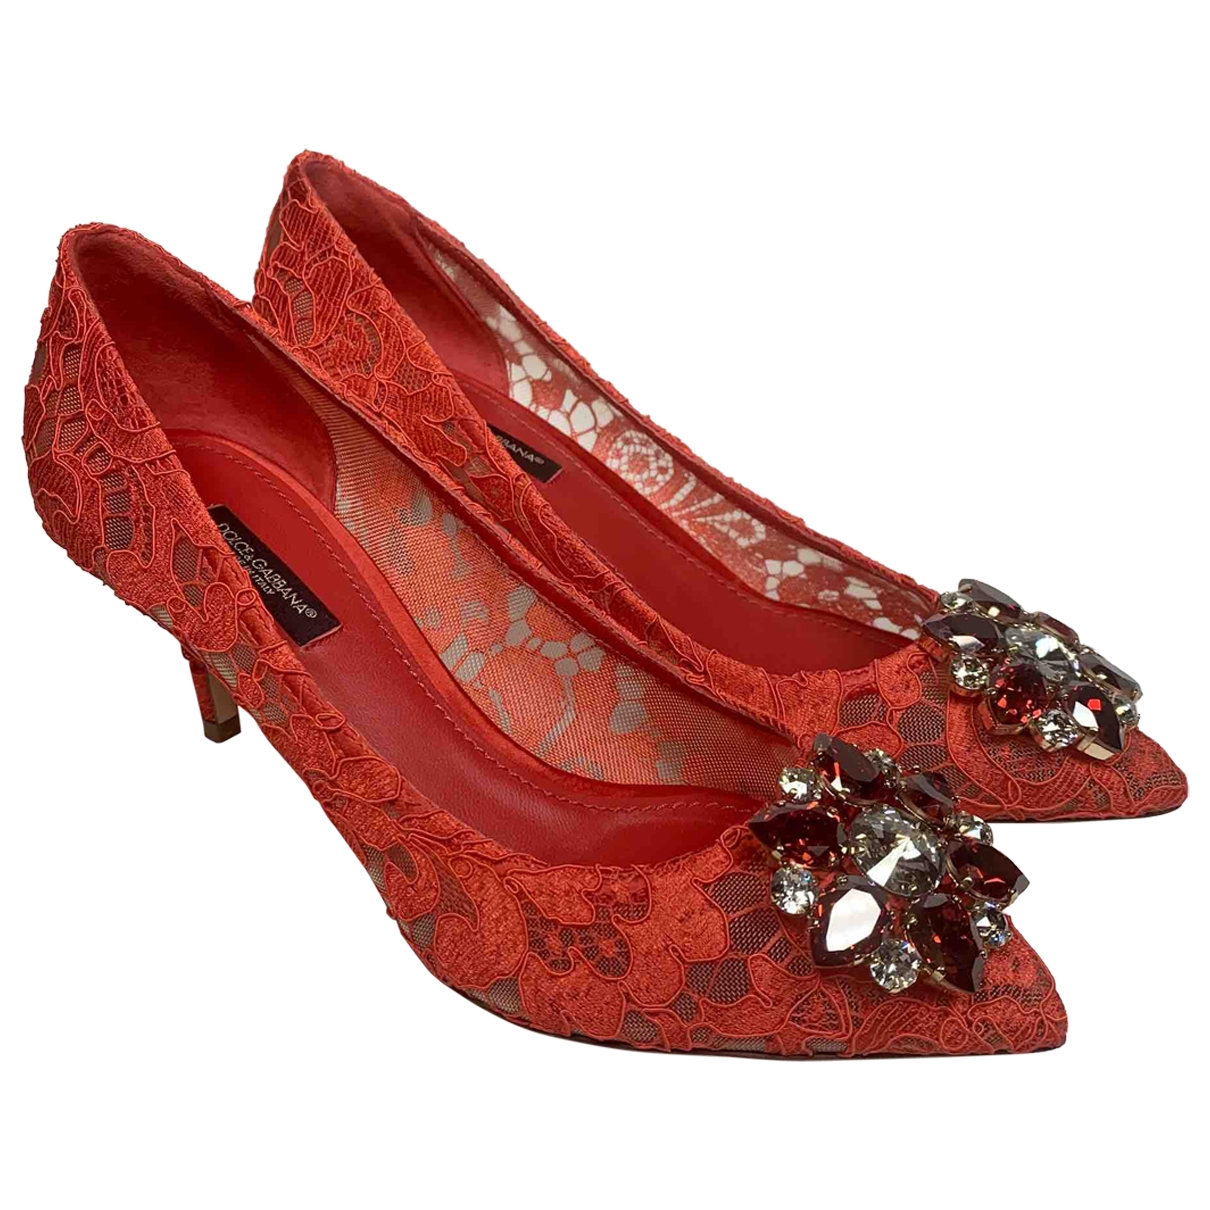 Dolce & Gabbana - Escarpins Taormina pour femme en toile - rouge